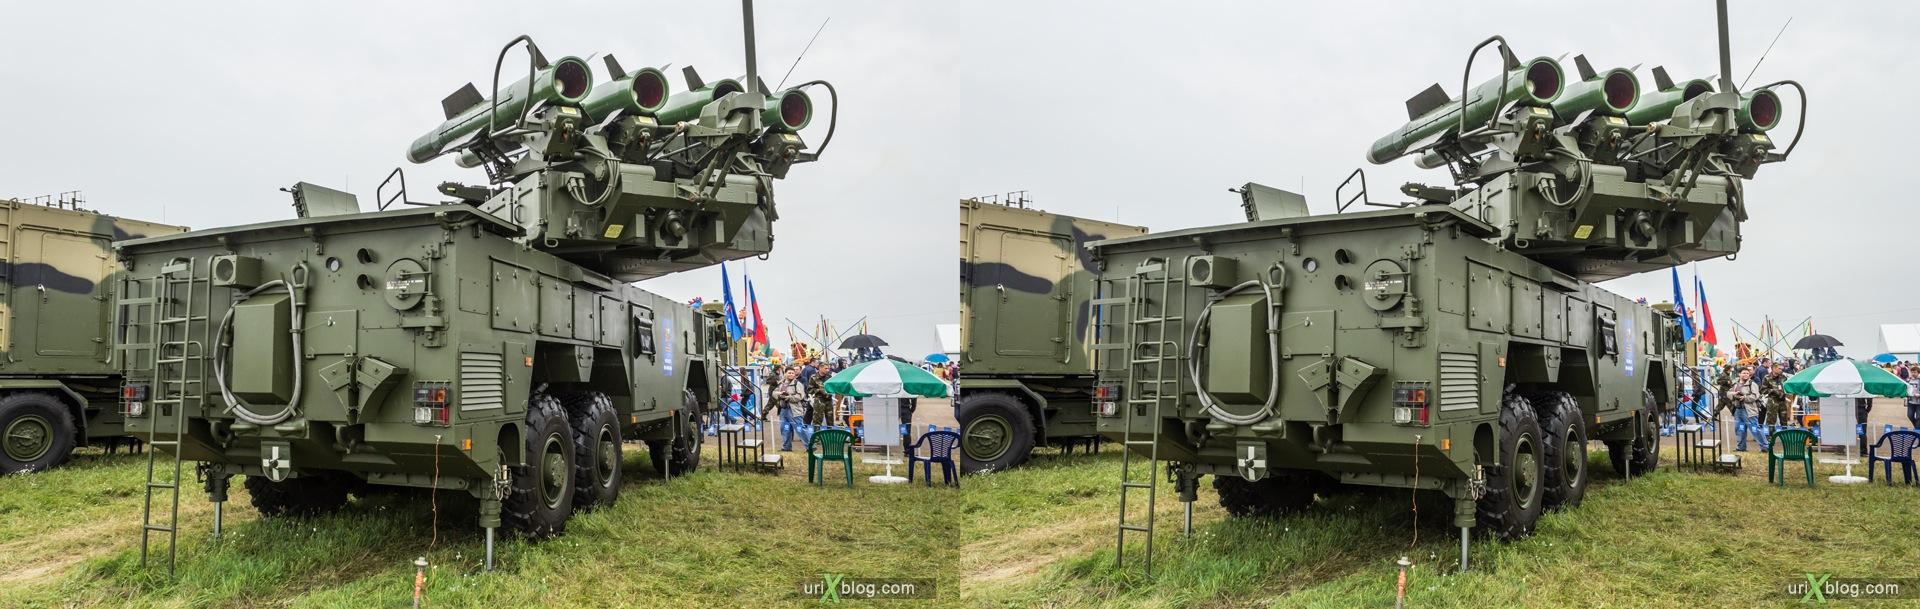 2013, Россия, Раменское, Жуковский, аэродром, самолёт, экспозиция, МАКС, Международный Авиационно-космический Салон, 3D, перекрёстная стереопара, стерео, стереопара